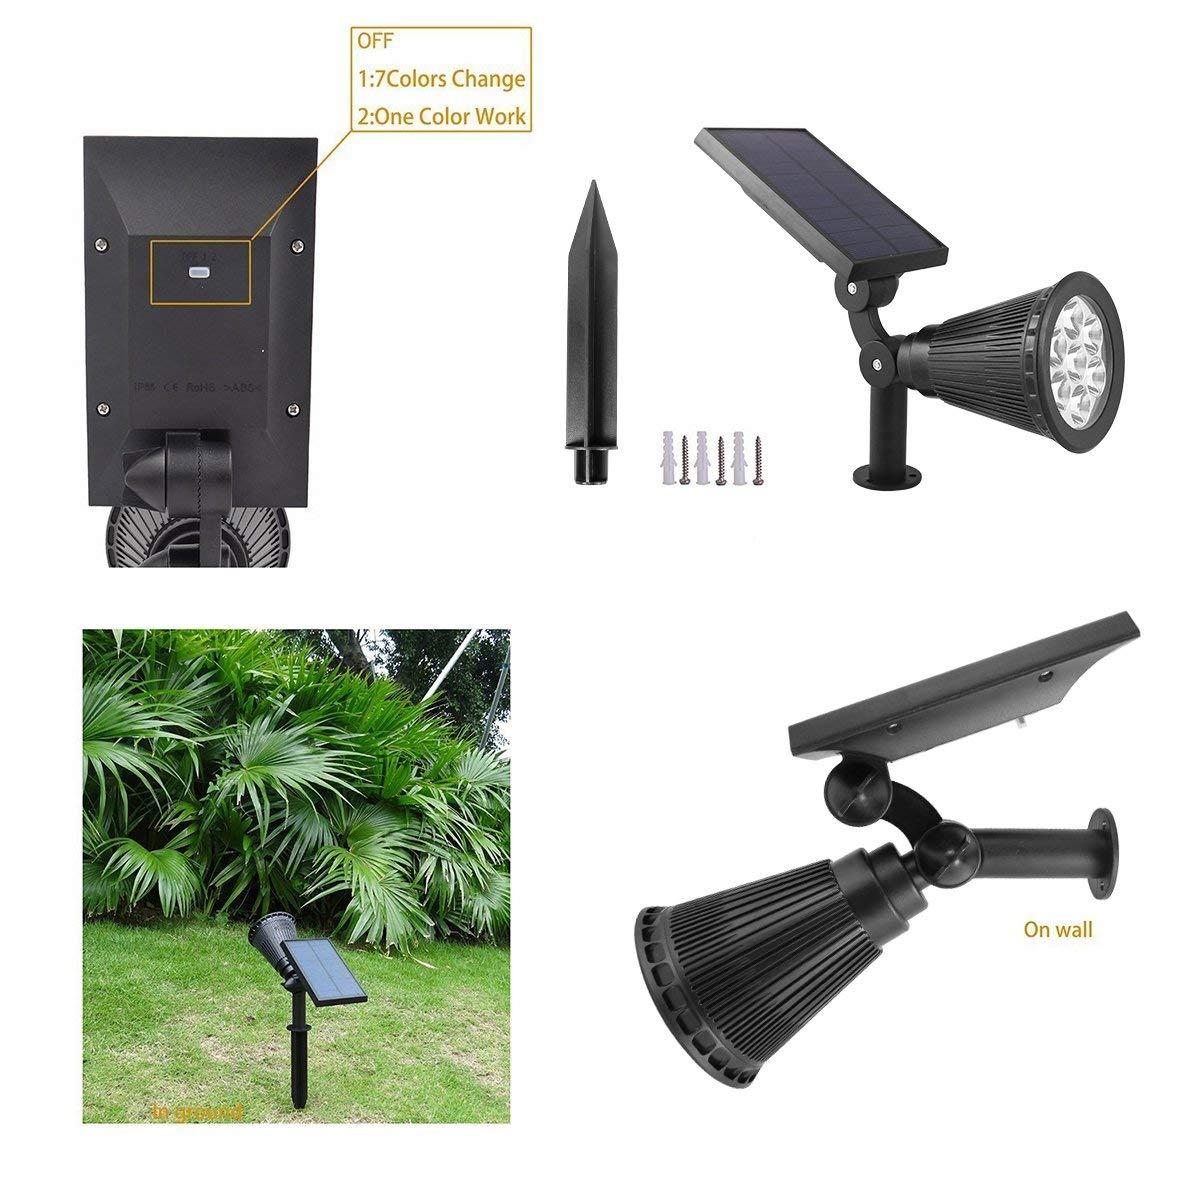 holofotes luzes solares ao ar livre à